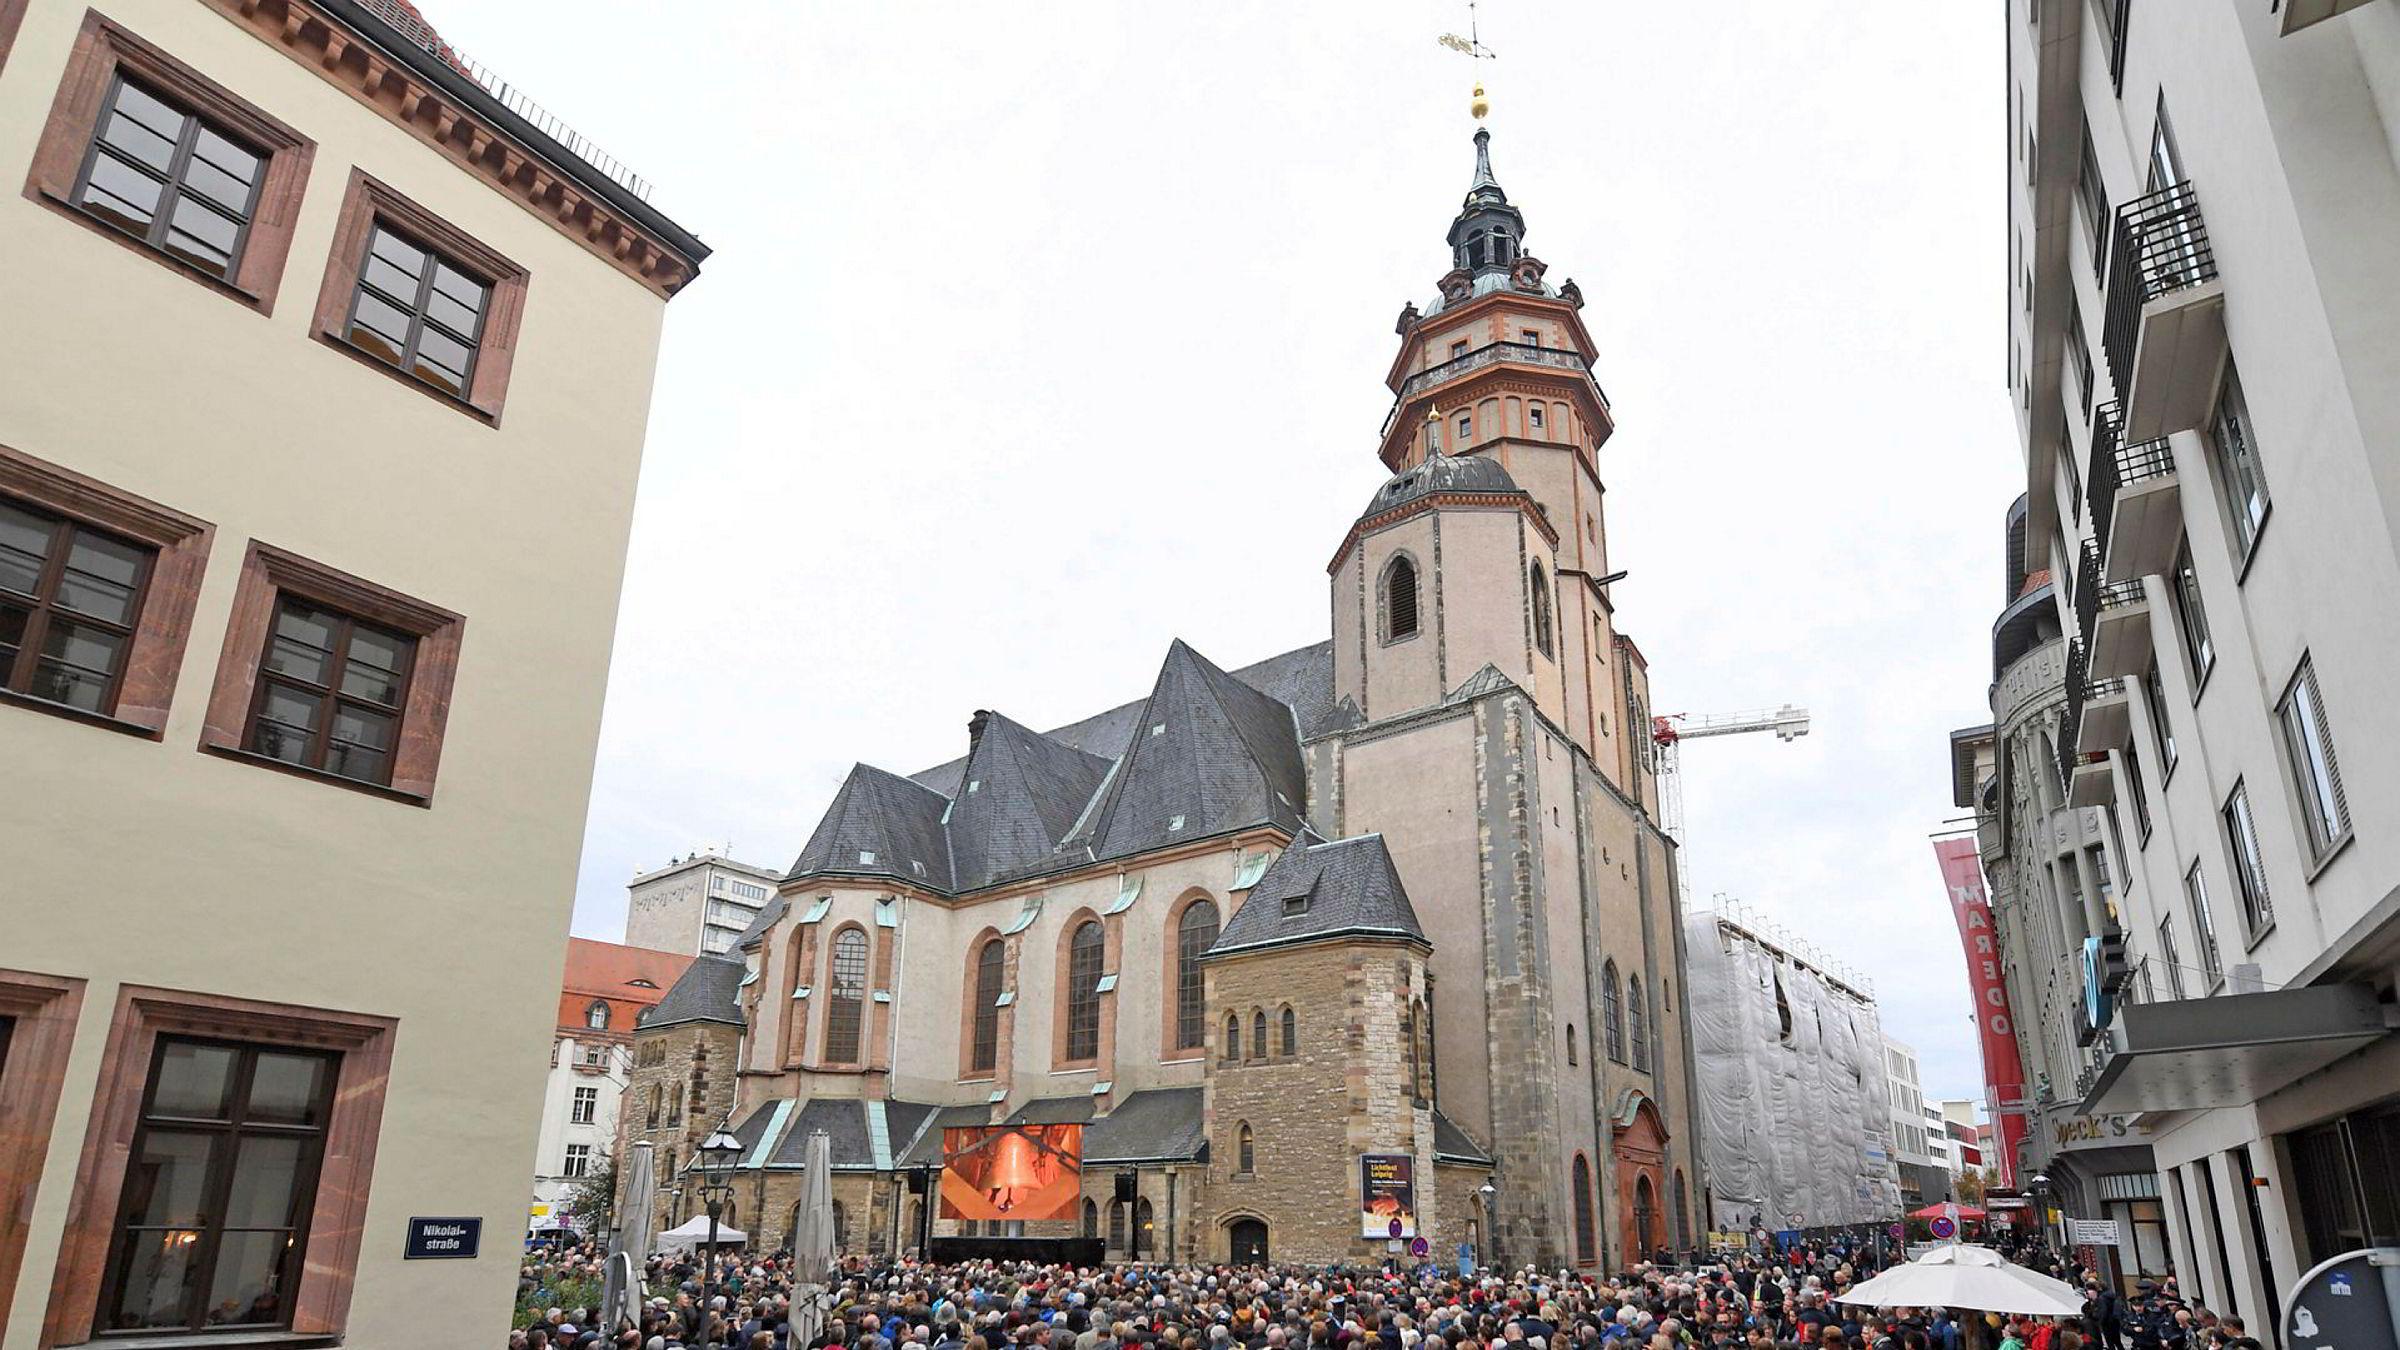 Folk samlet seg rundt Nikolaikirche i østtyske Leipzig sist måned får å markere 30-årsdagen for protestene mot DDR-regimet. Leipzig er i dag pusset opp og er en populær by å besøke både for utenlandske og tyske turister.